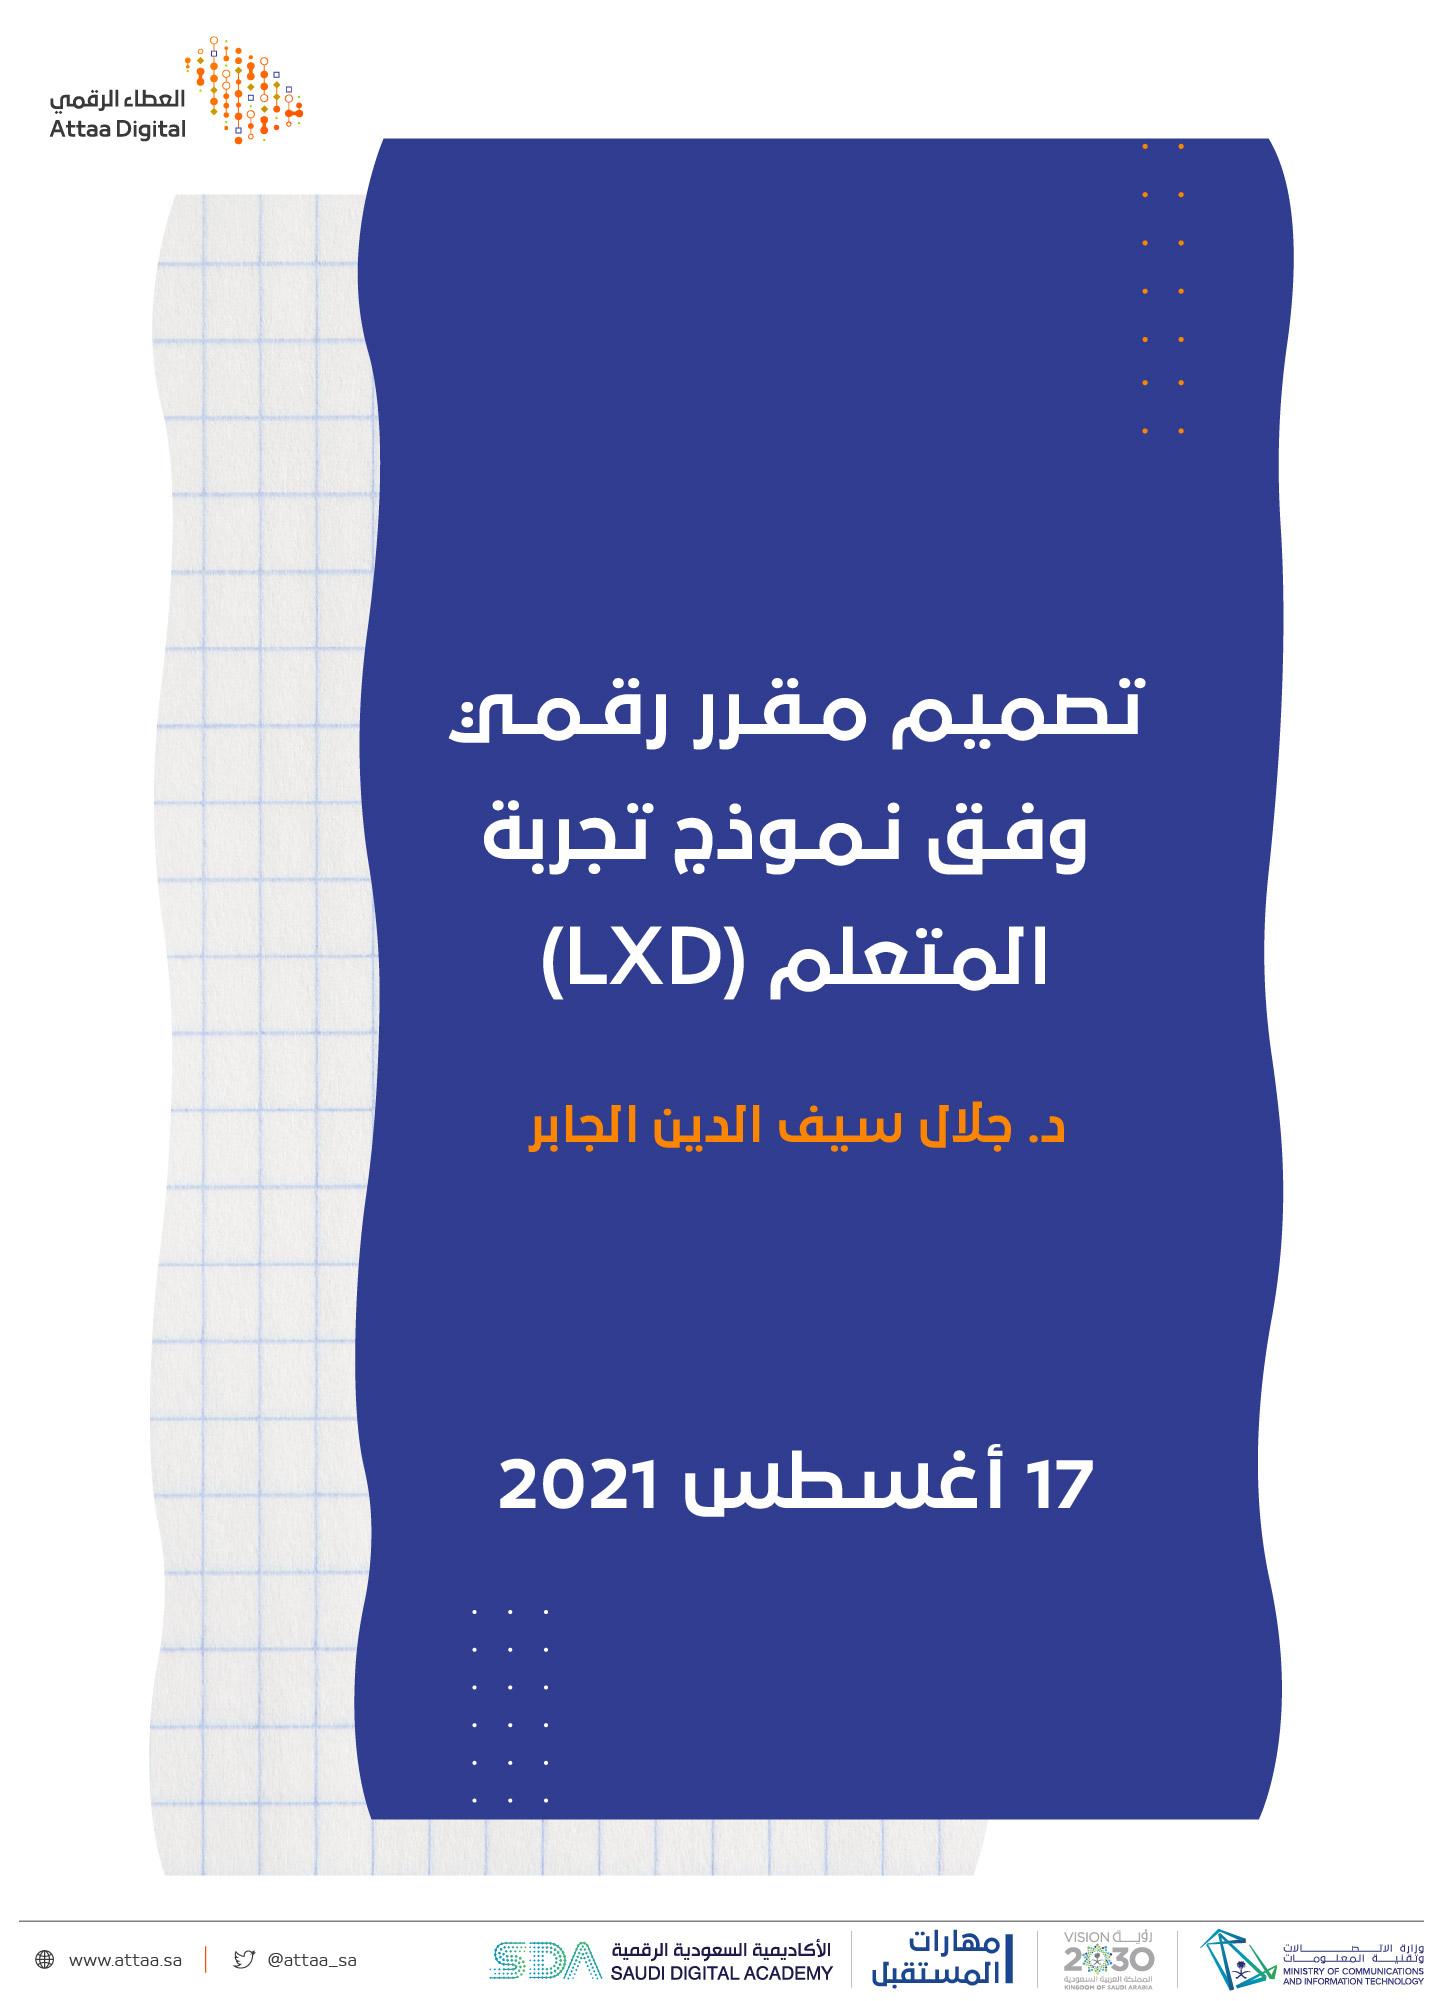 تصميم مقرر رقمي وفق نموذج تجربة المتعلم LXD